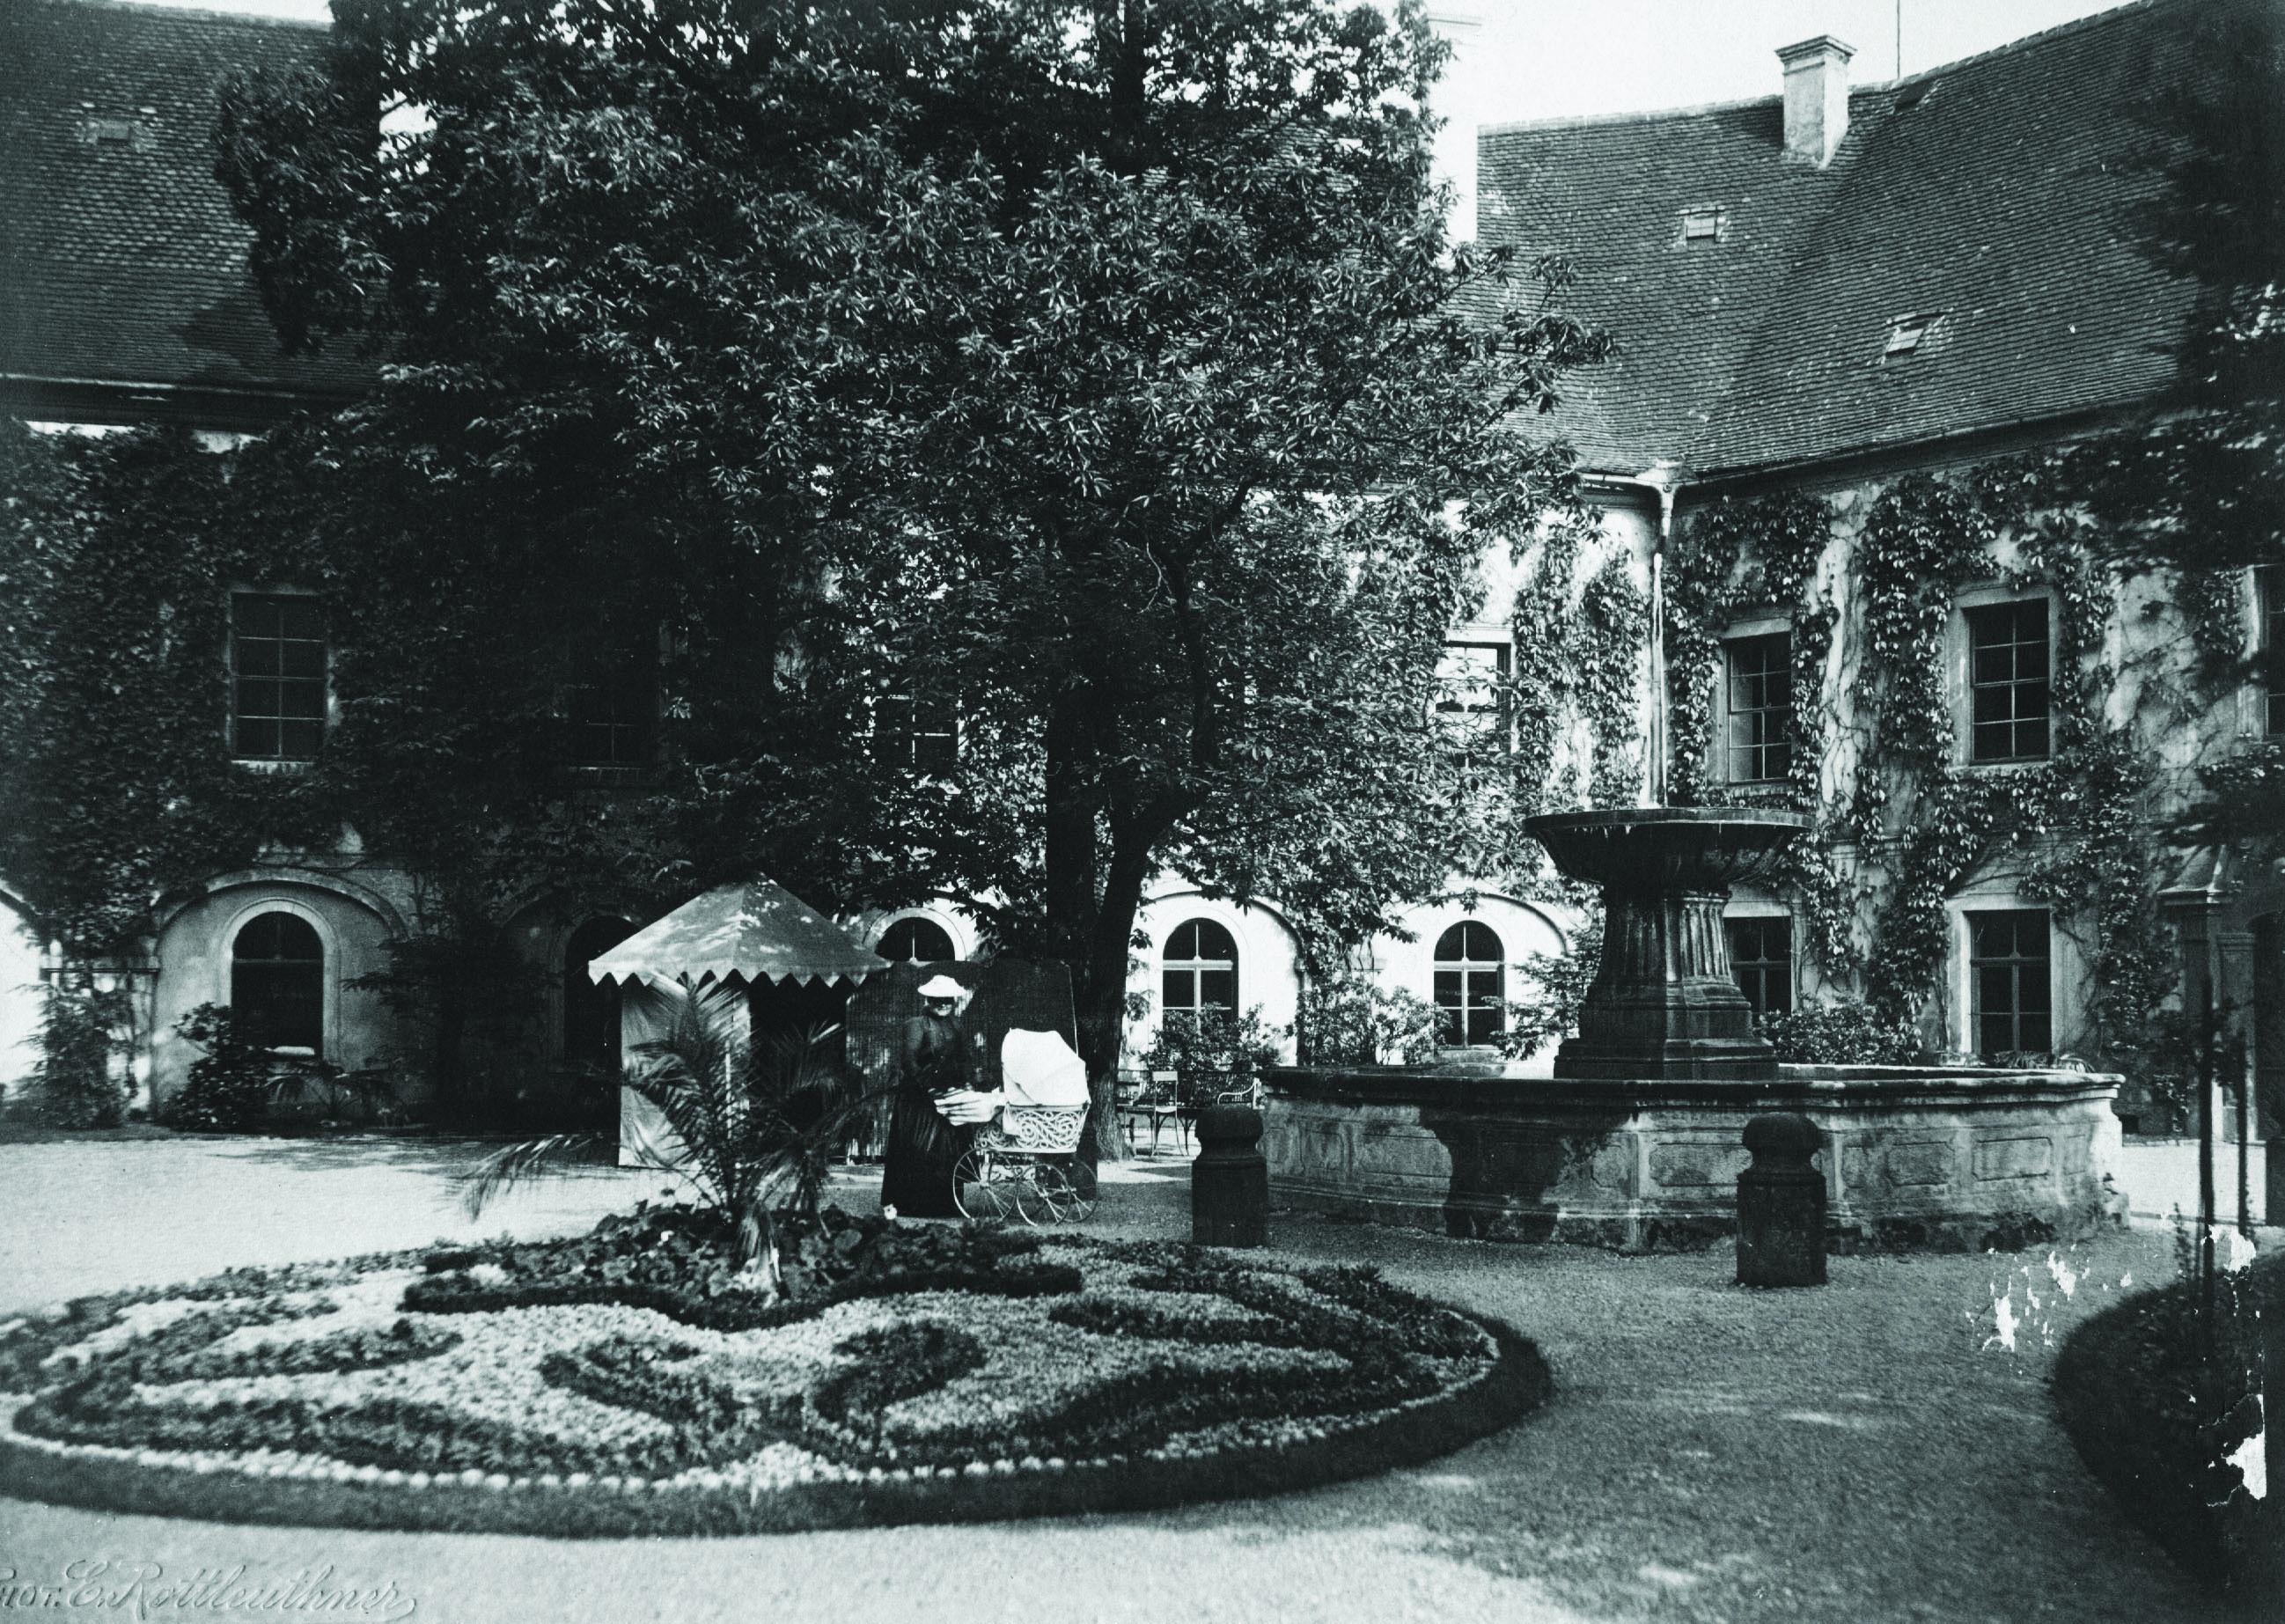 Kněžna s kočárkem na nádvoří zámku, historická fotografie